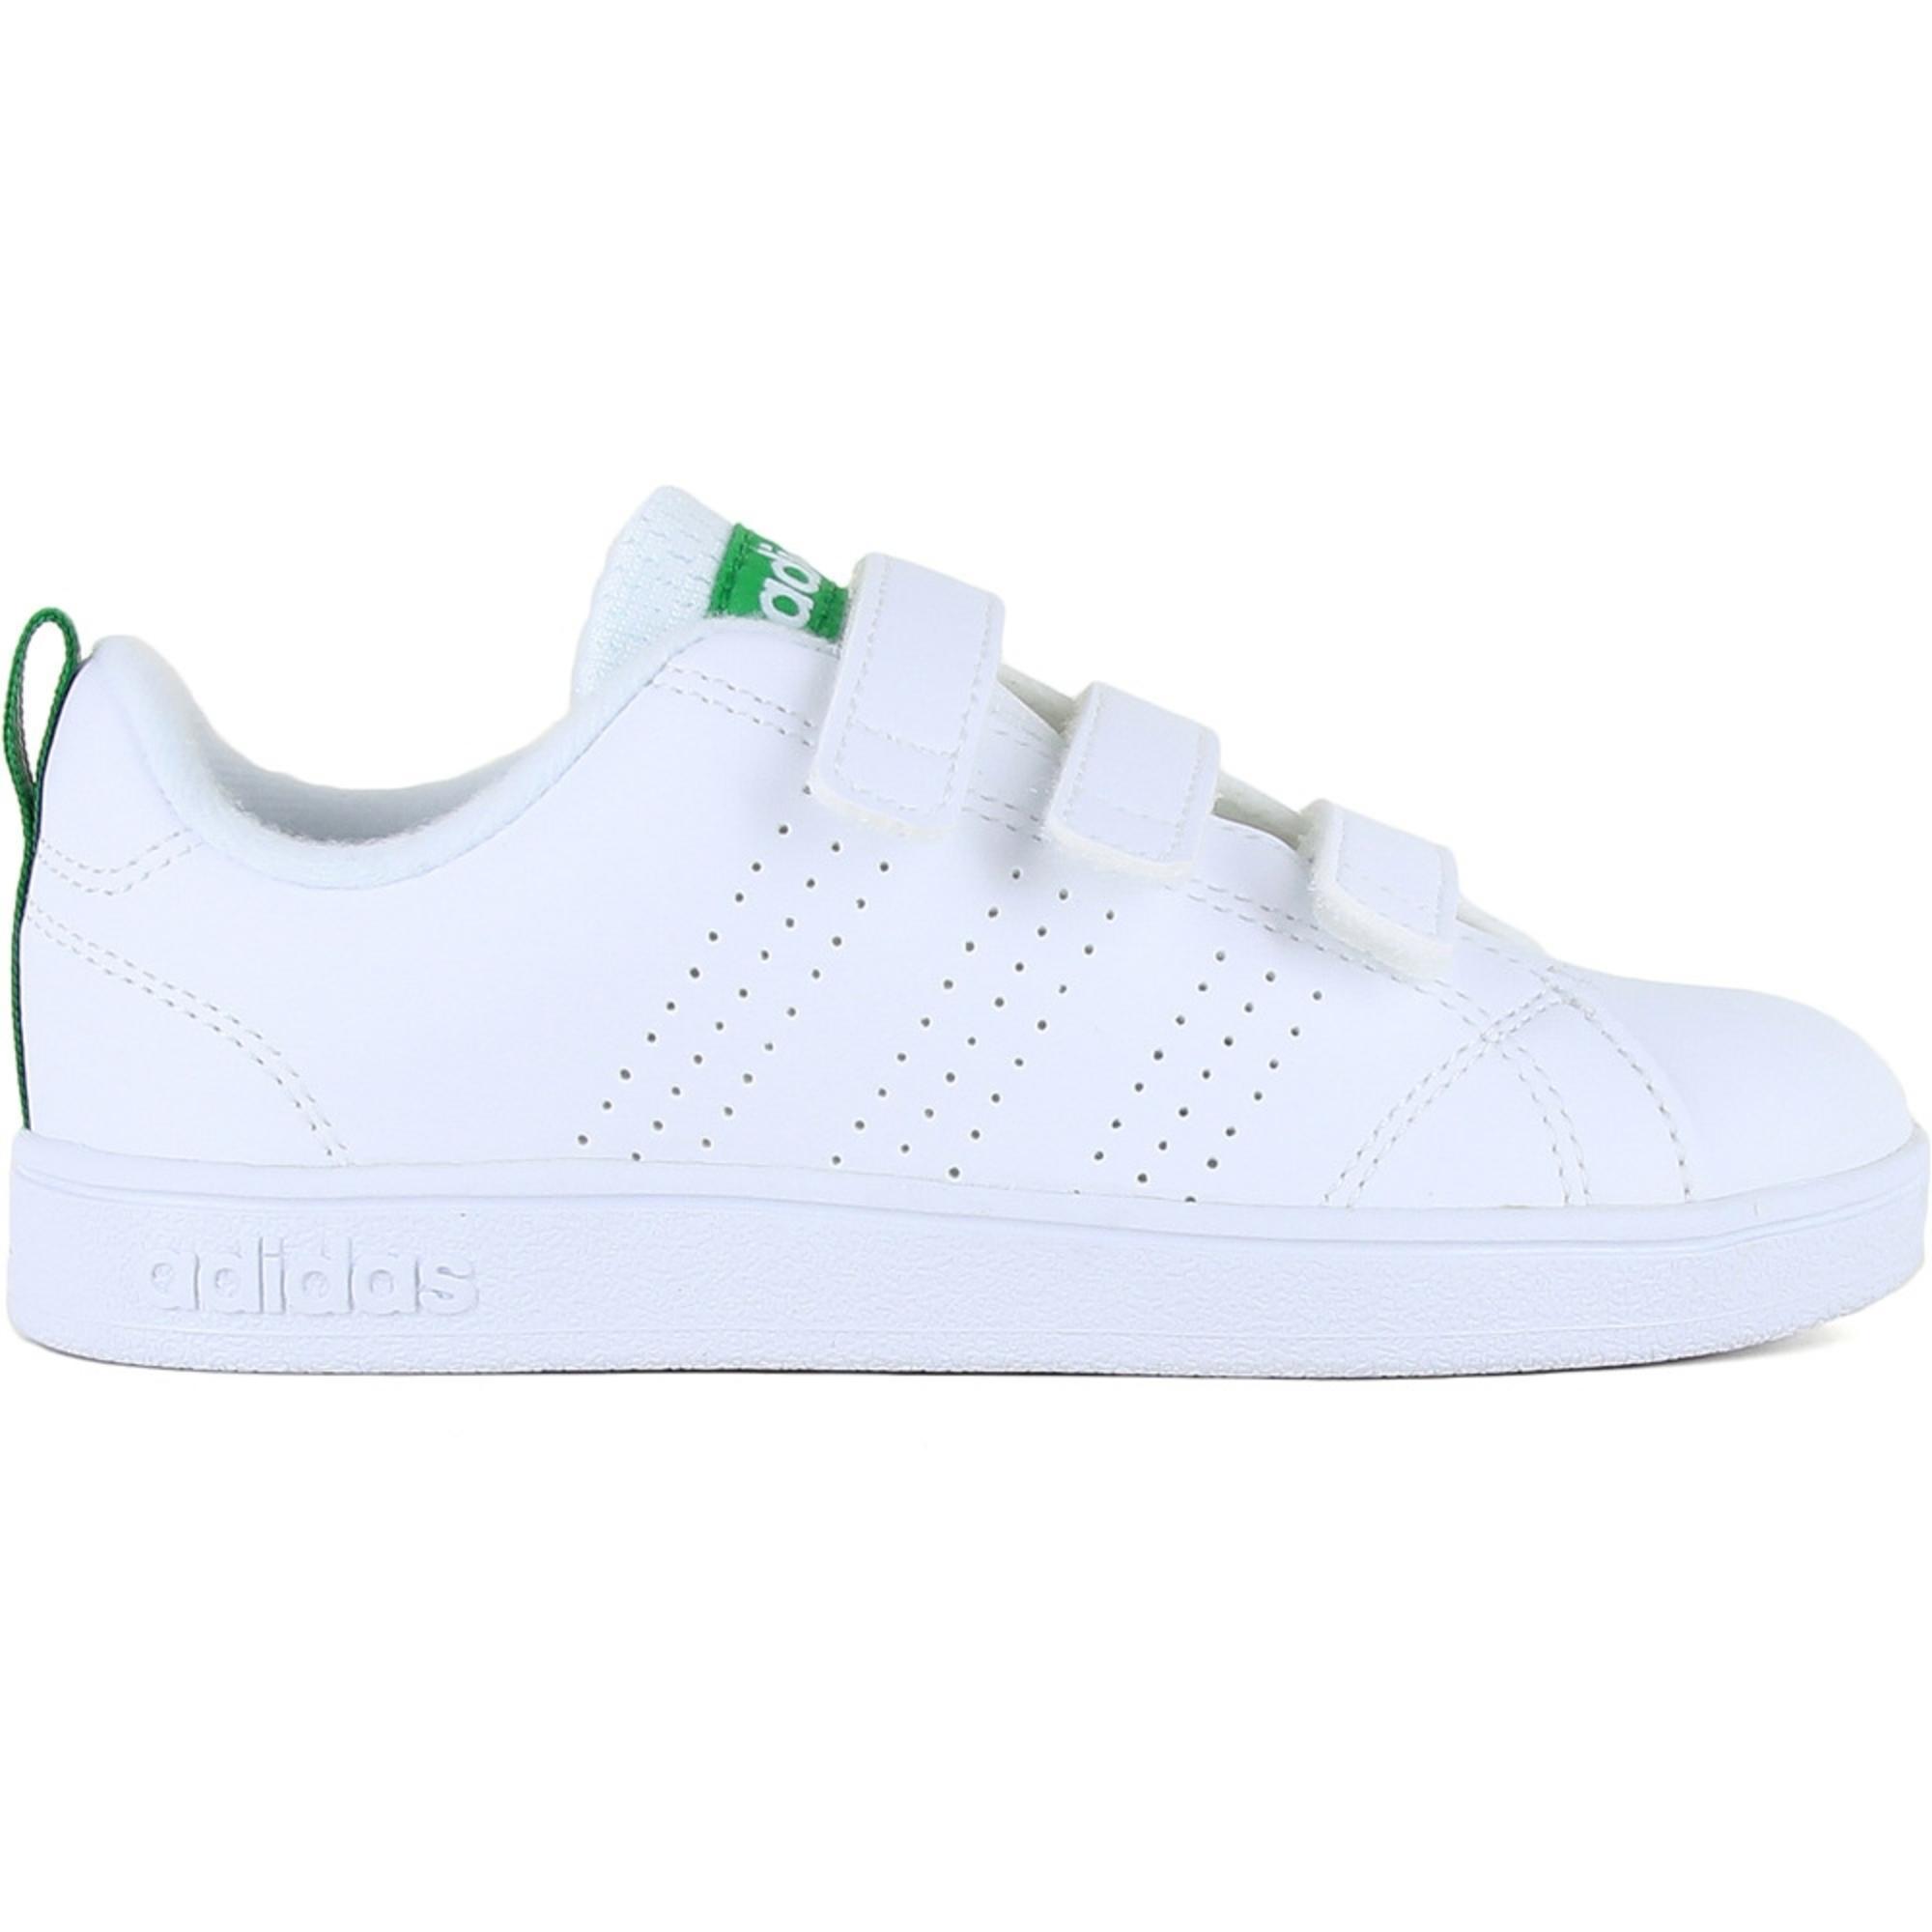 9c69c18e Comprar calzado deportivo para niños y bebés online| Decathlon